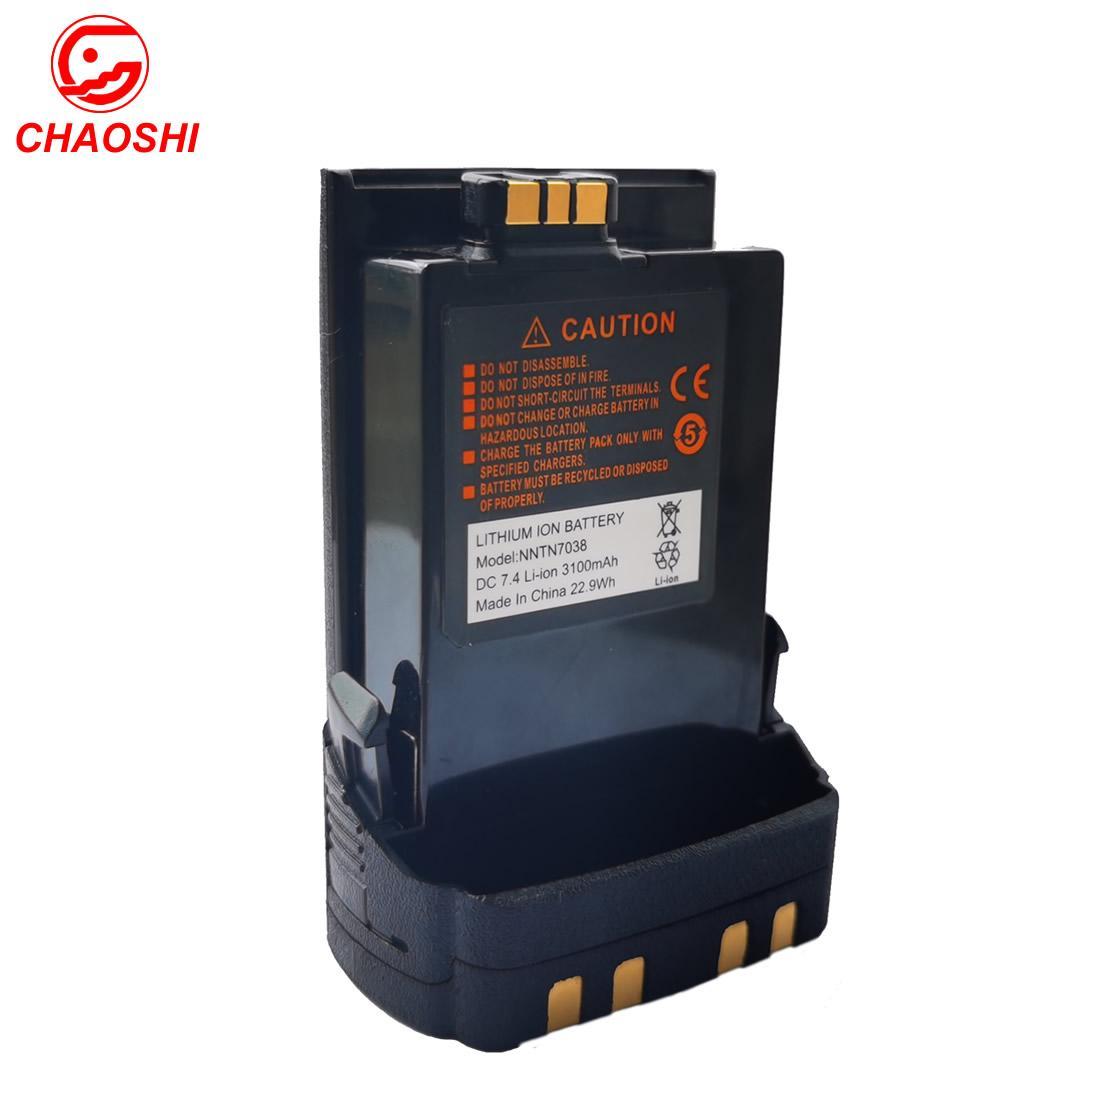 APX7000對講機電池NNTN7038 1